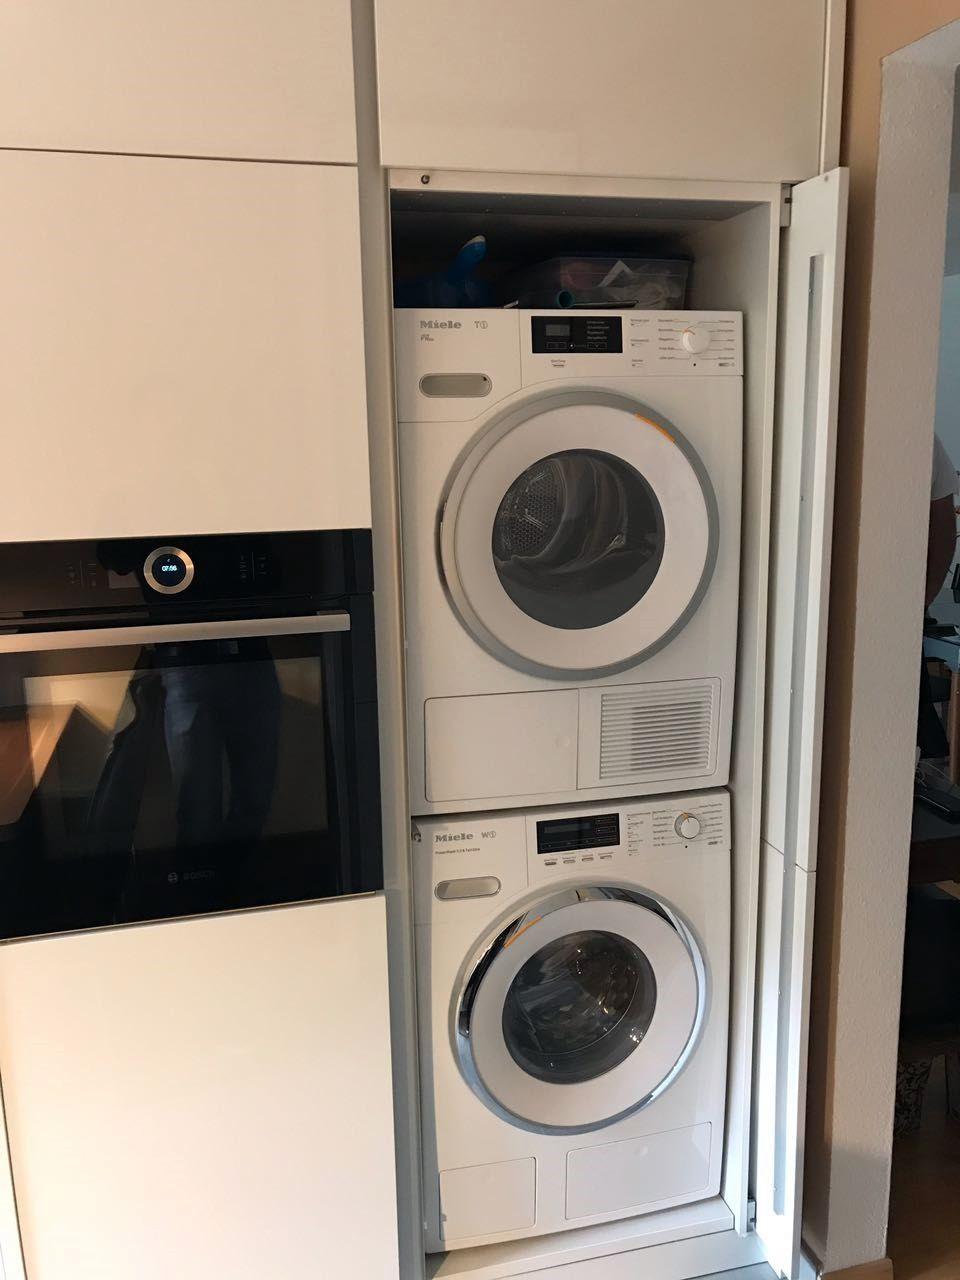 Wenn Man Die Kuche Betritt Befindet Sich Gleich Rechts In Der Ecke Der Waschmaschinen Einschubturenschrank In Mit Bildern Waschmaschine Trockner Auf Waschmaschine Wasche